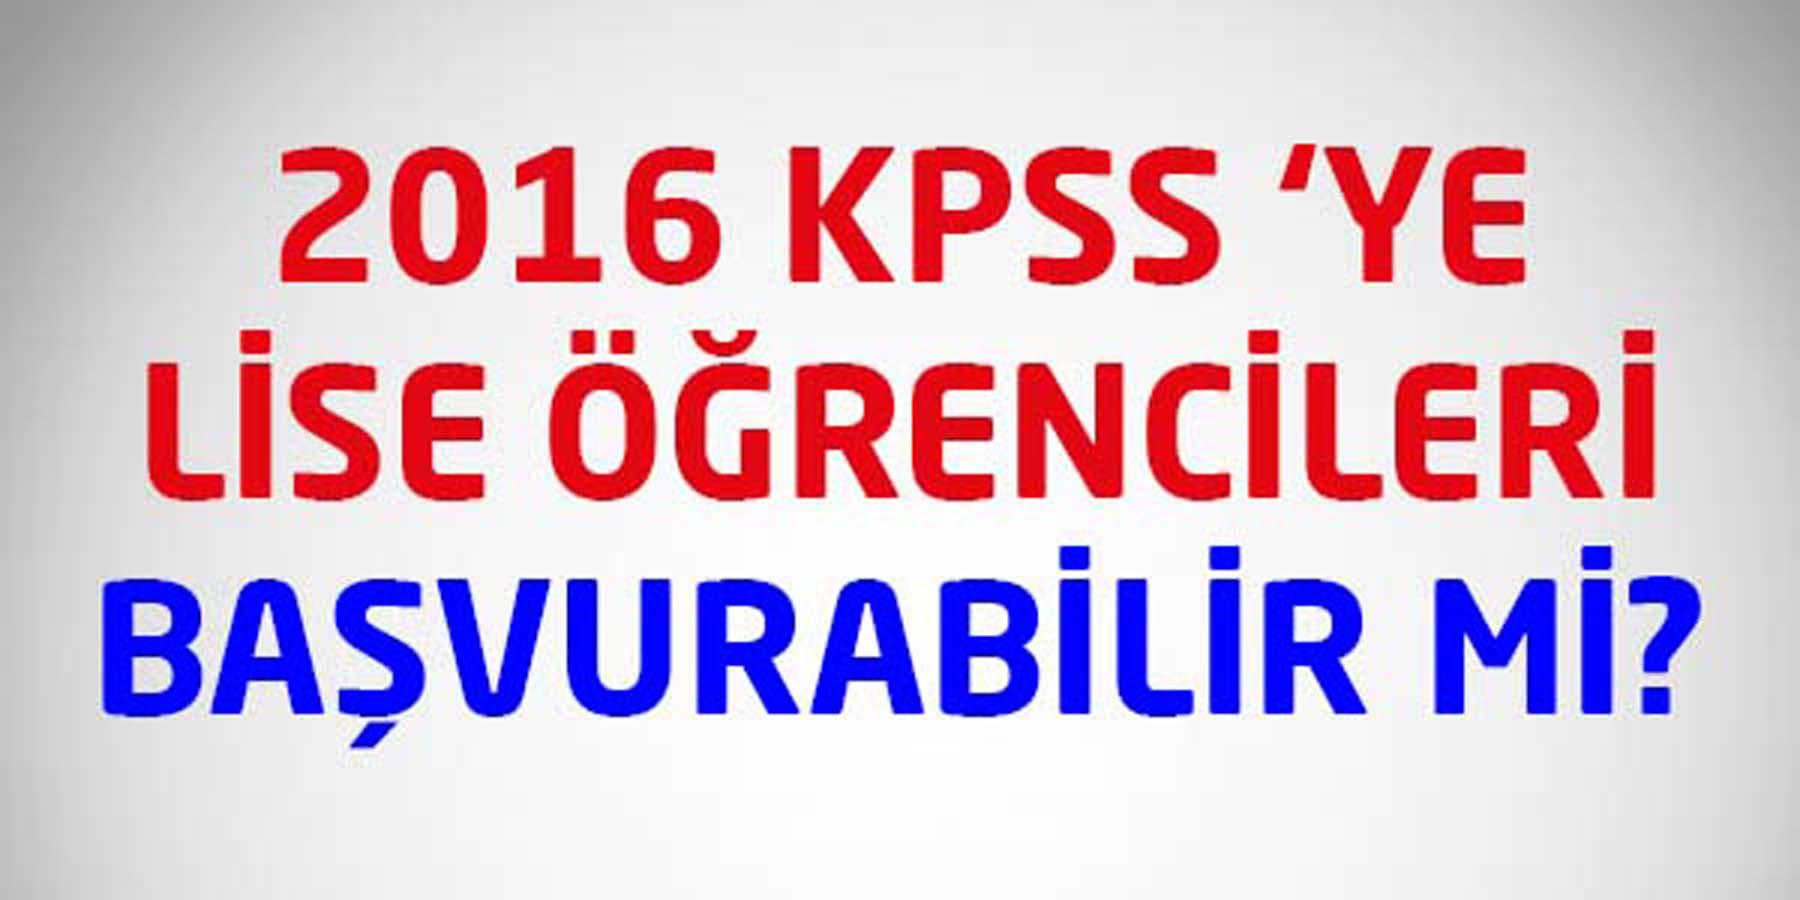 Lise Öğrencileri KPSS'ye Başvuru Yapabilir mi